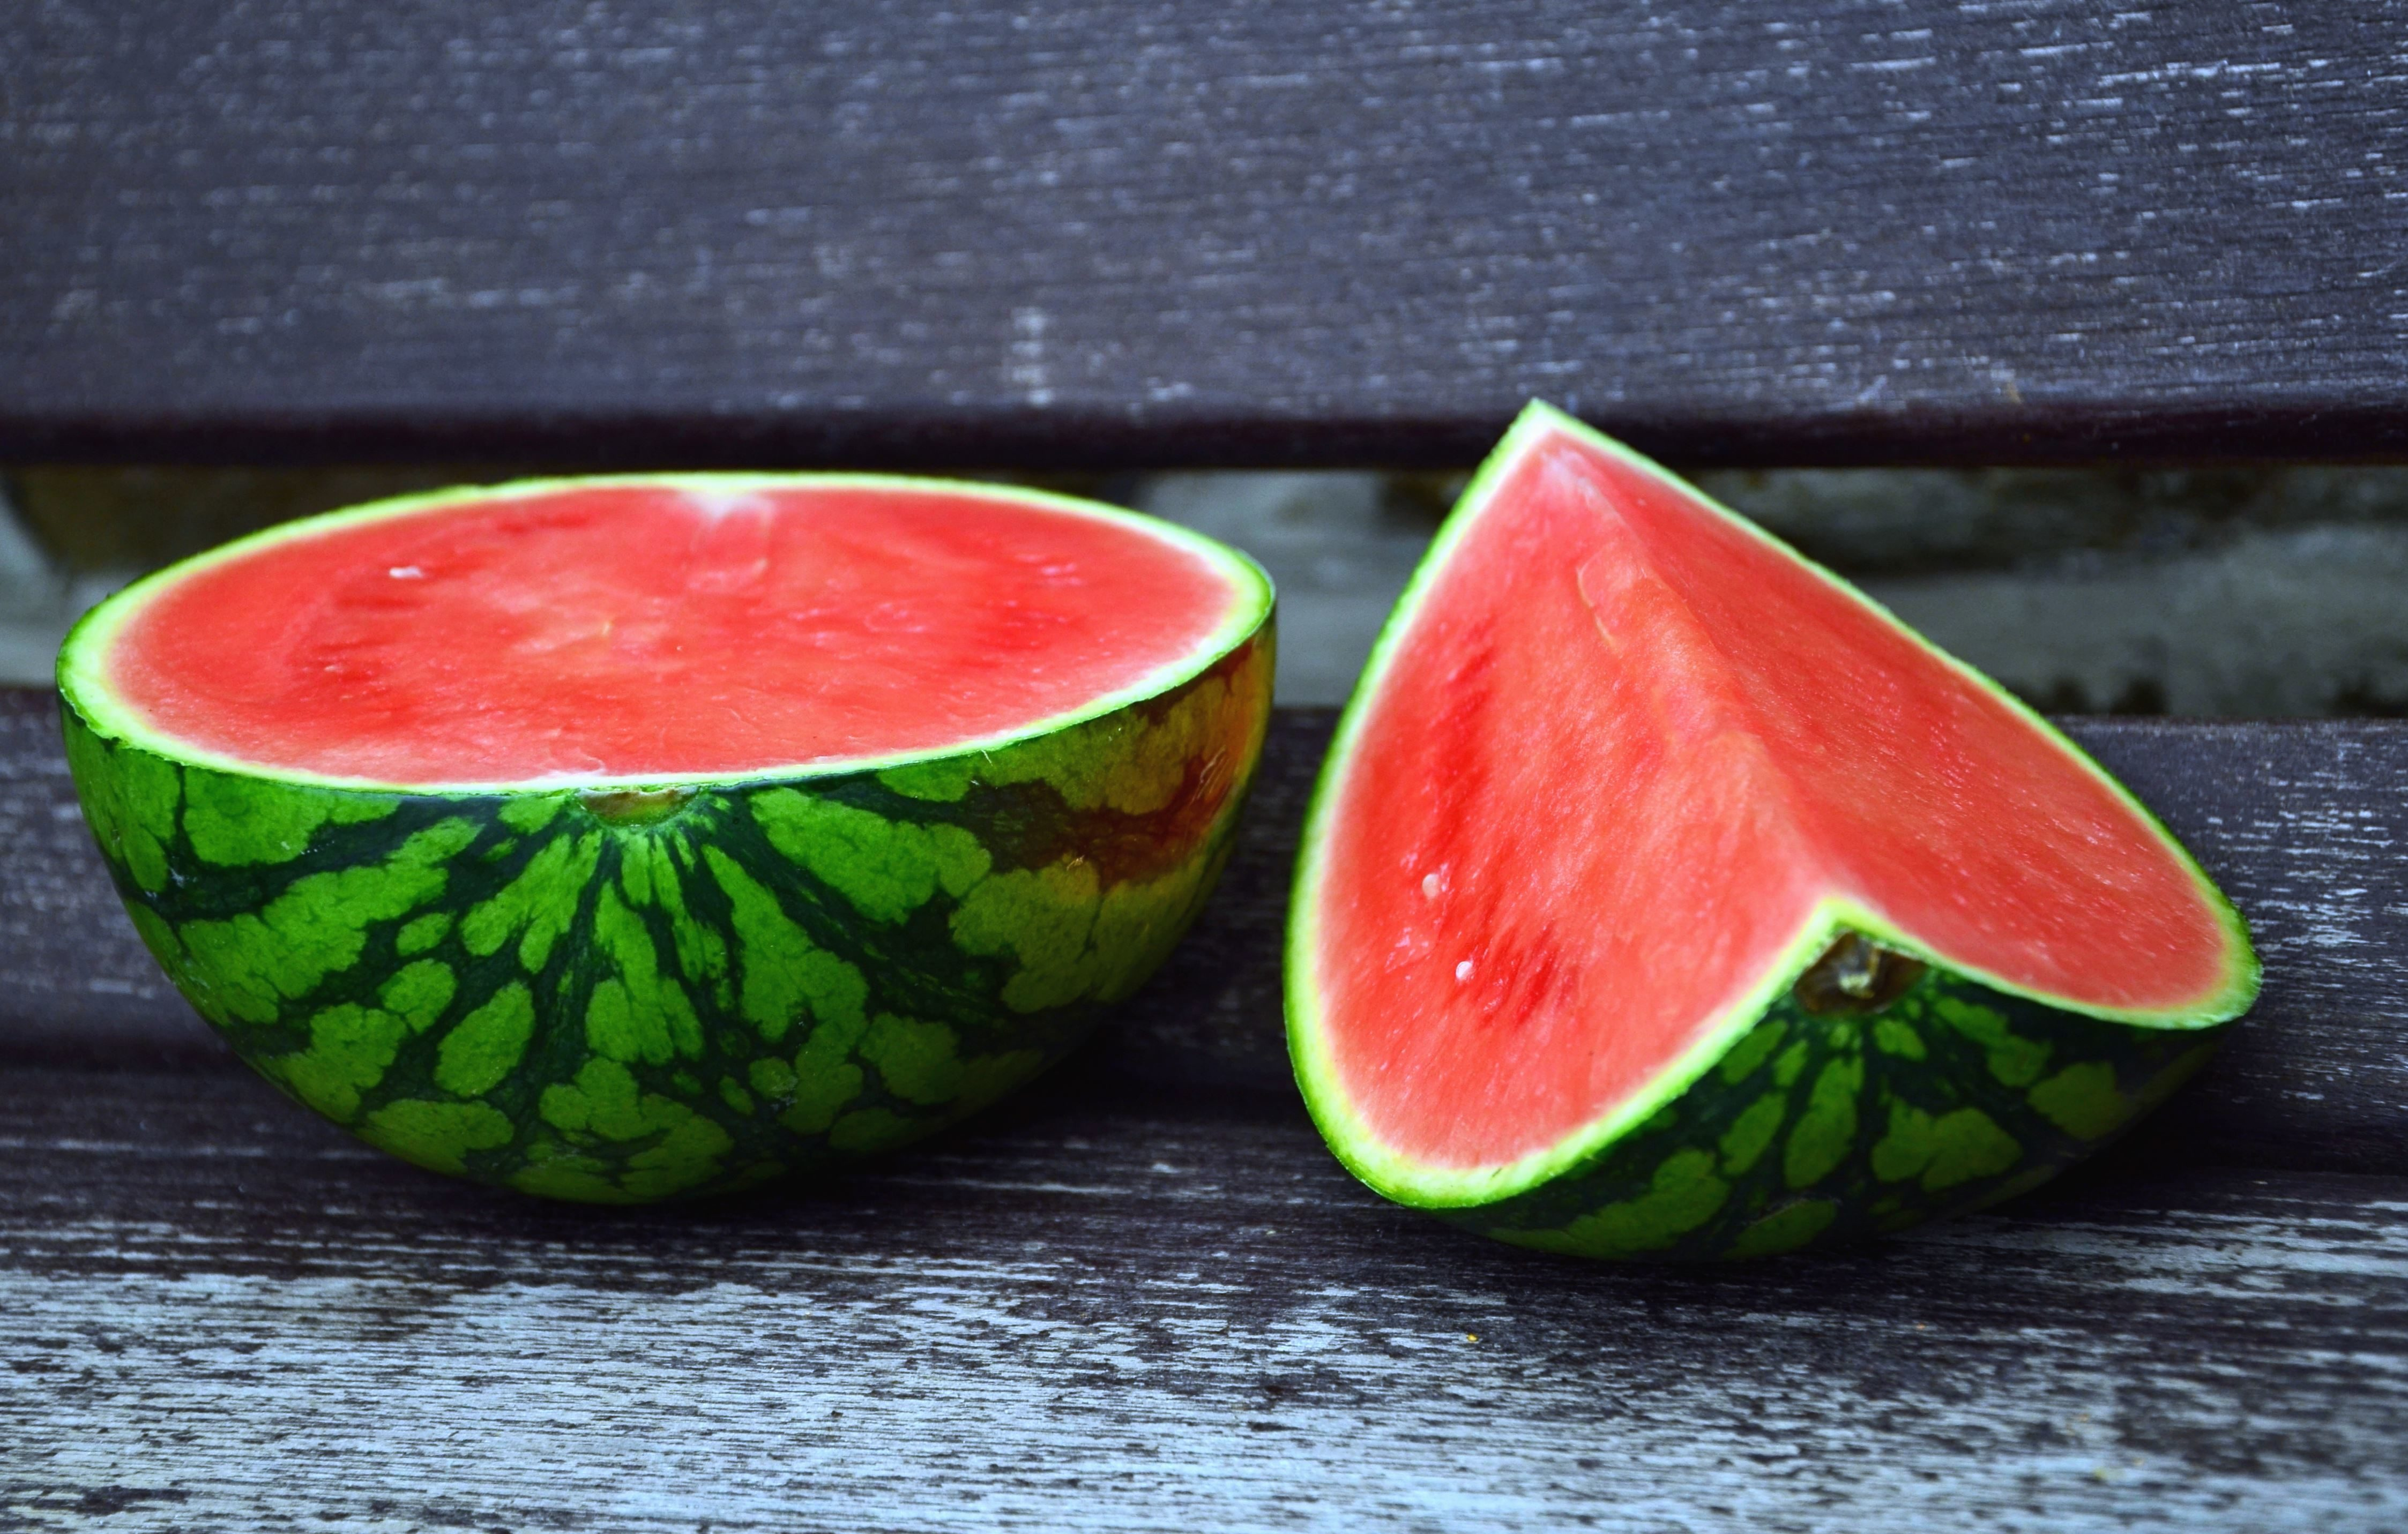 Geliebte Kostenlose Bild: Wassermelone, Gemüse, Bank, Holz @TV_51